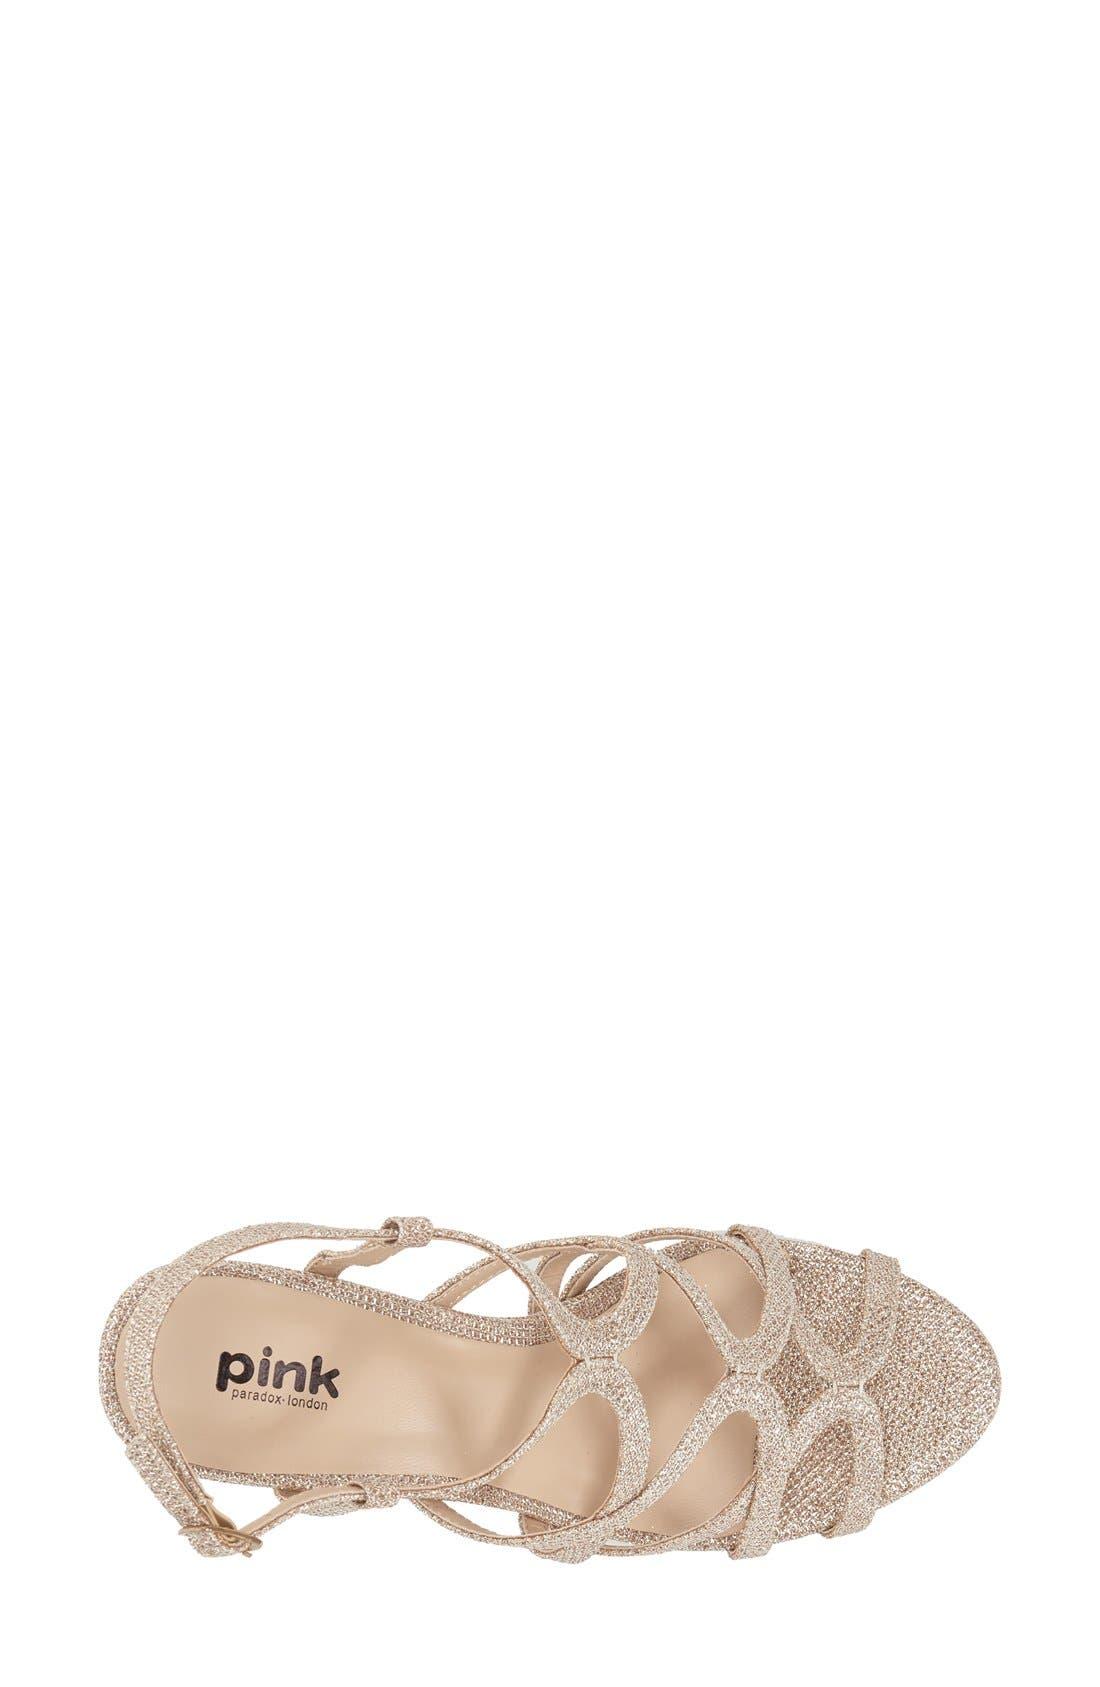 'Rich Glitter' Sandal,                             Alternate thumbnail 3, color,                             CHAMPAGNE GLITTER MESH